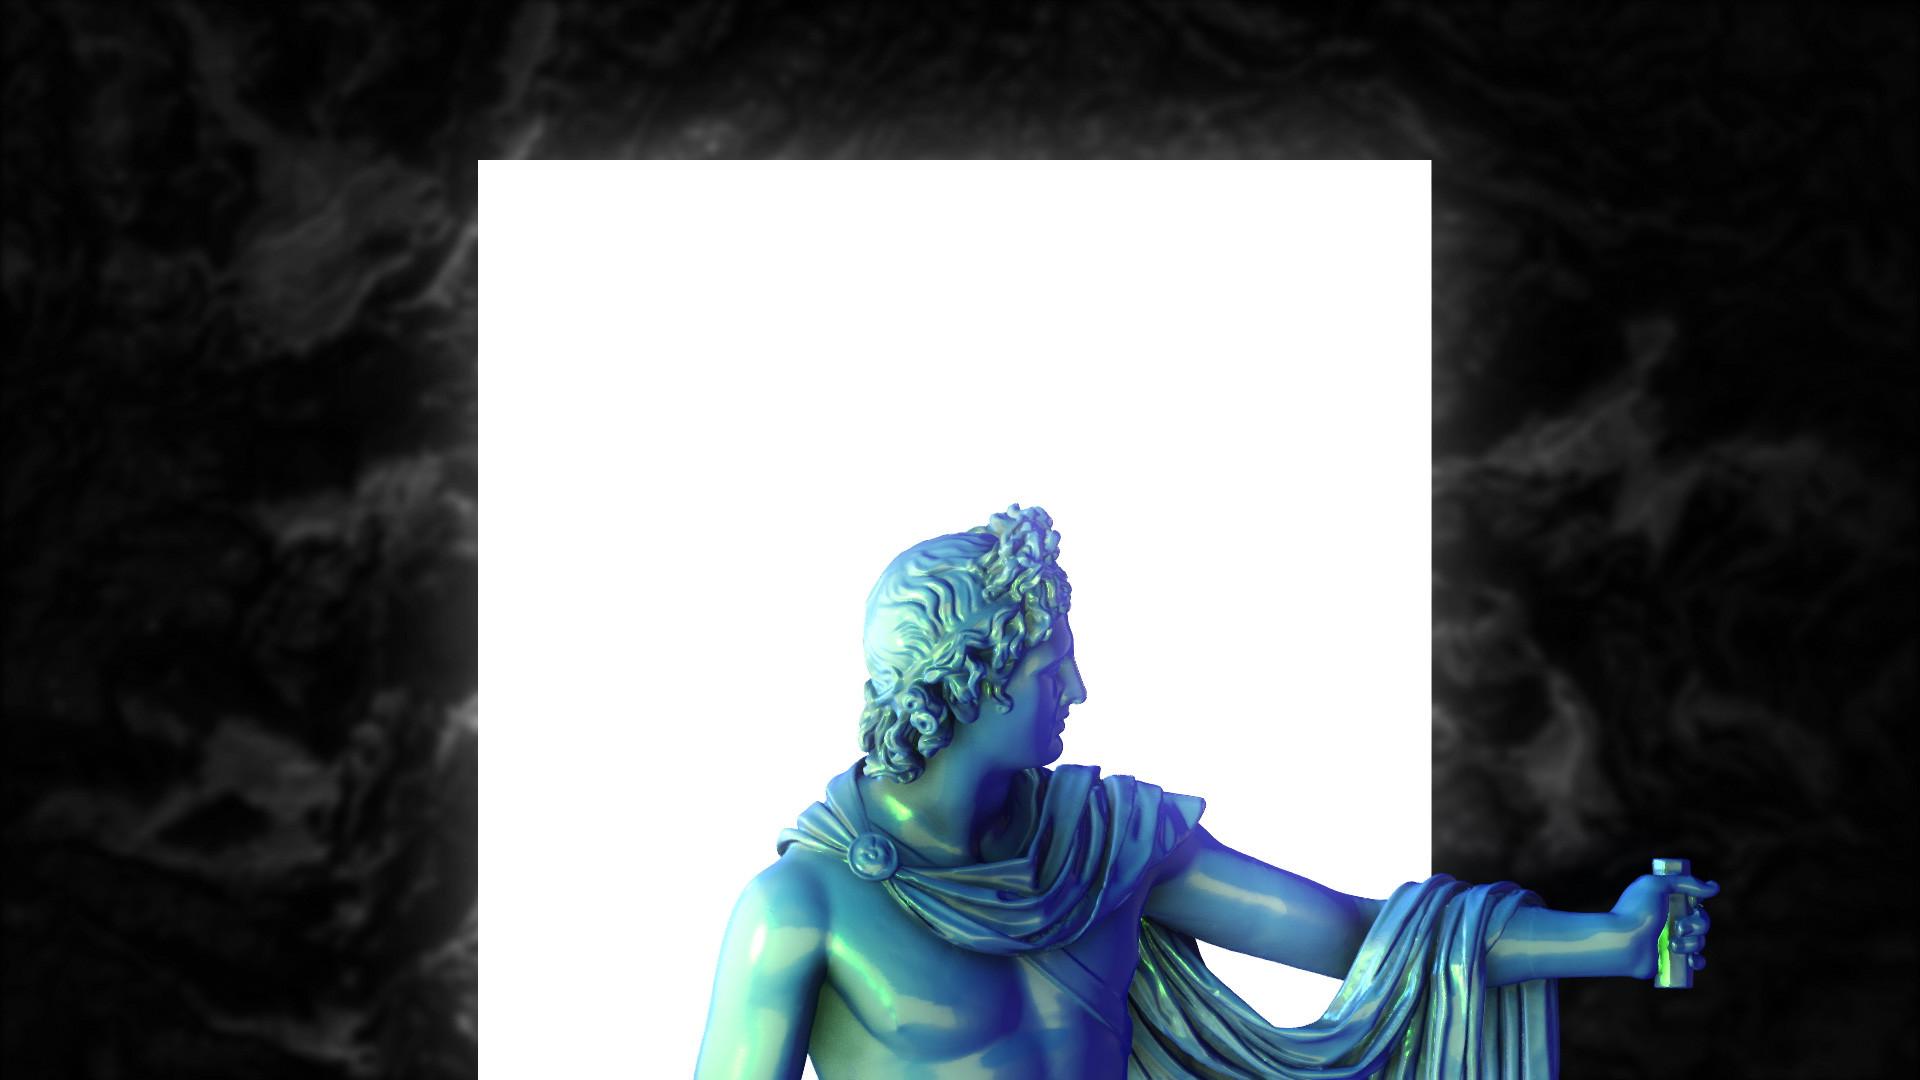 3D SCULP3_2.jpg